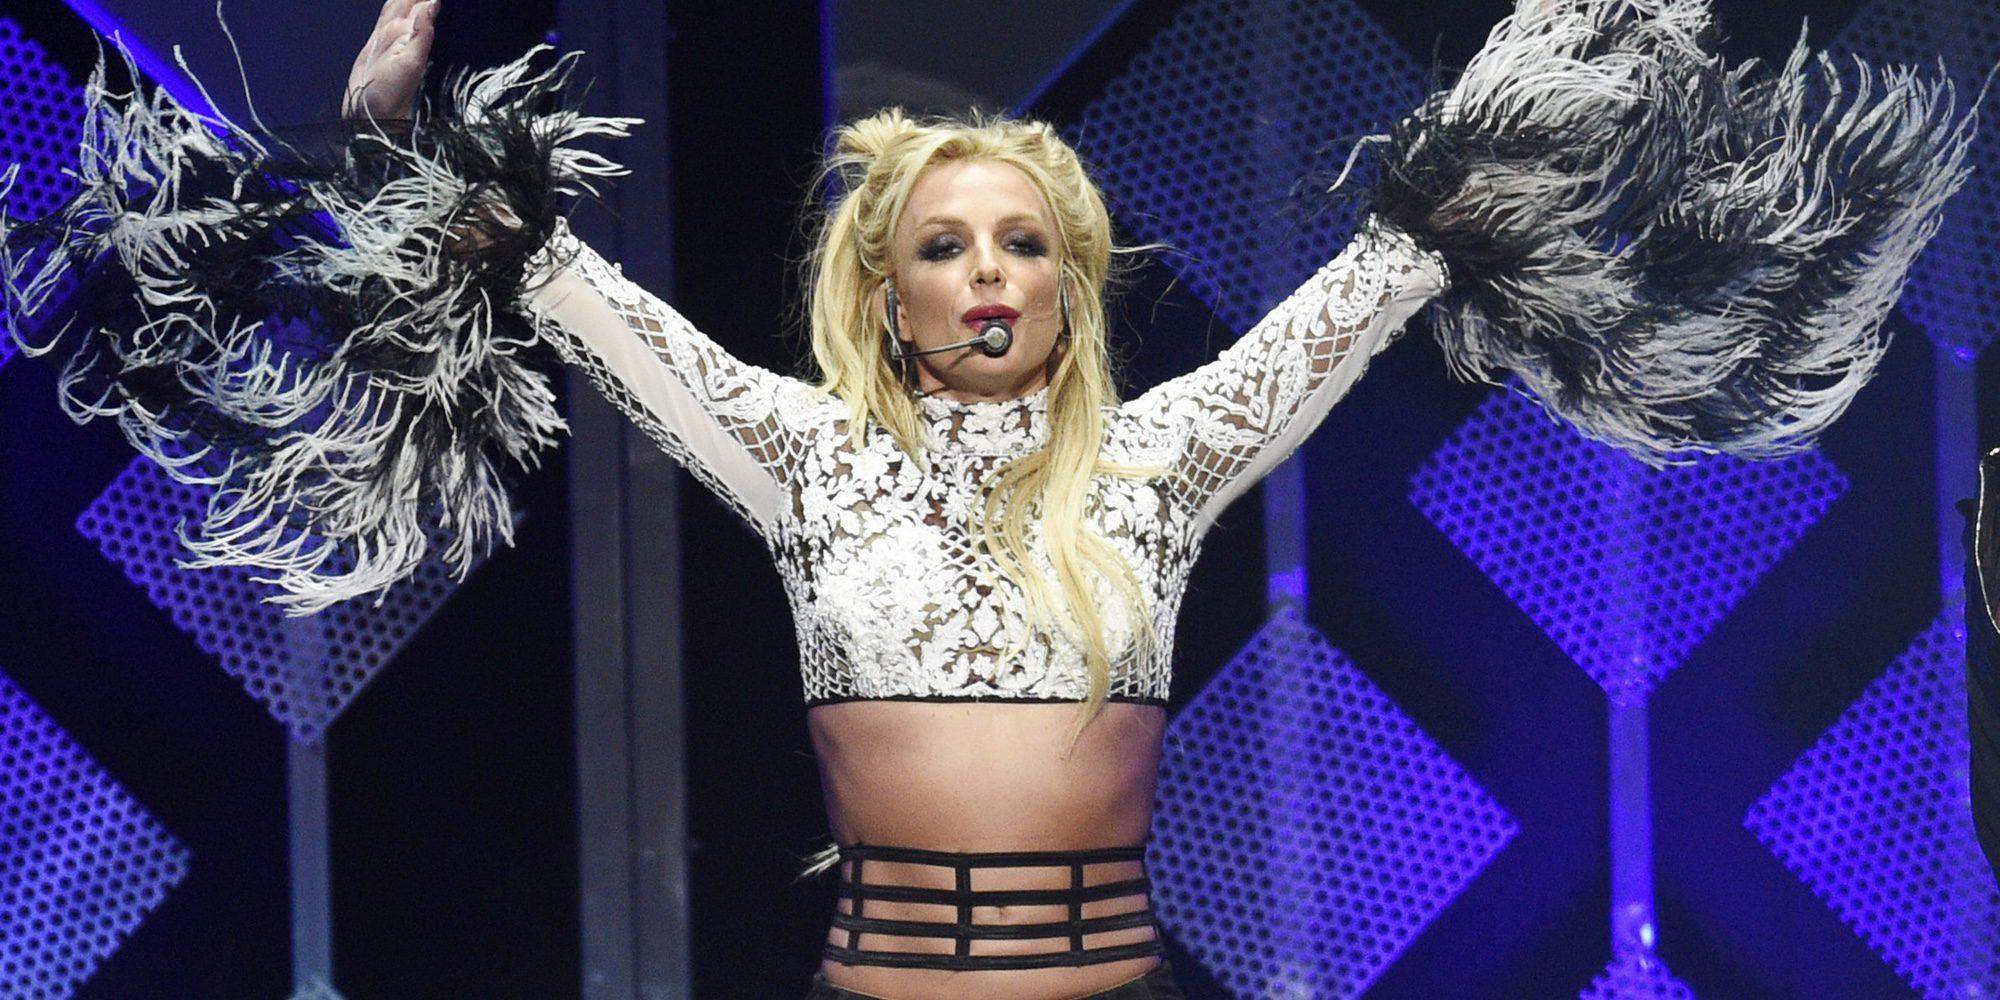 Un paparazzi pone en venta el paraguas con el que Britney Spears le atacó en 2007